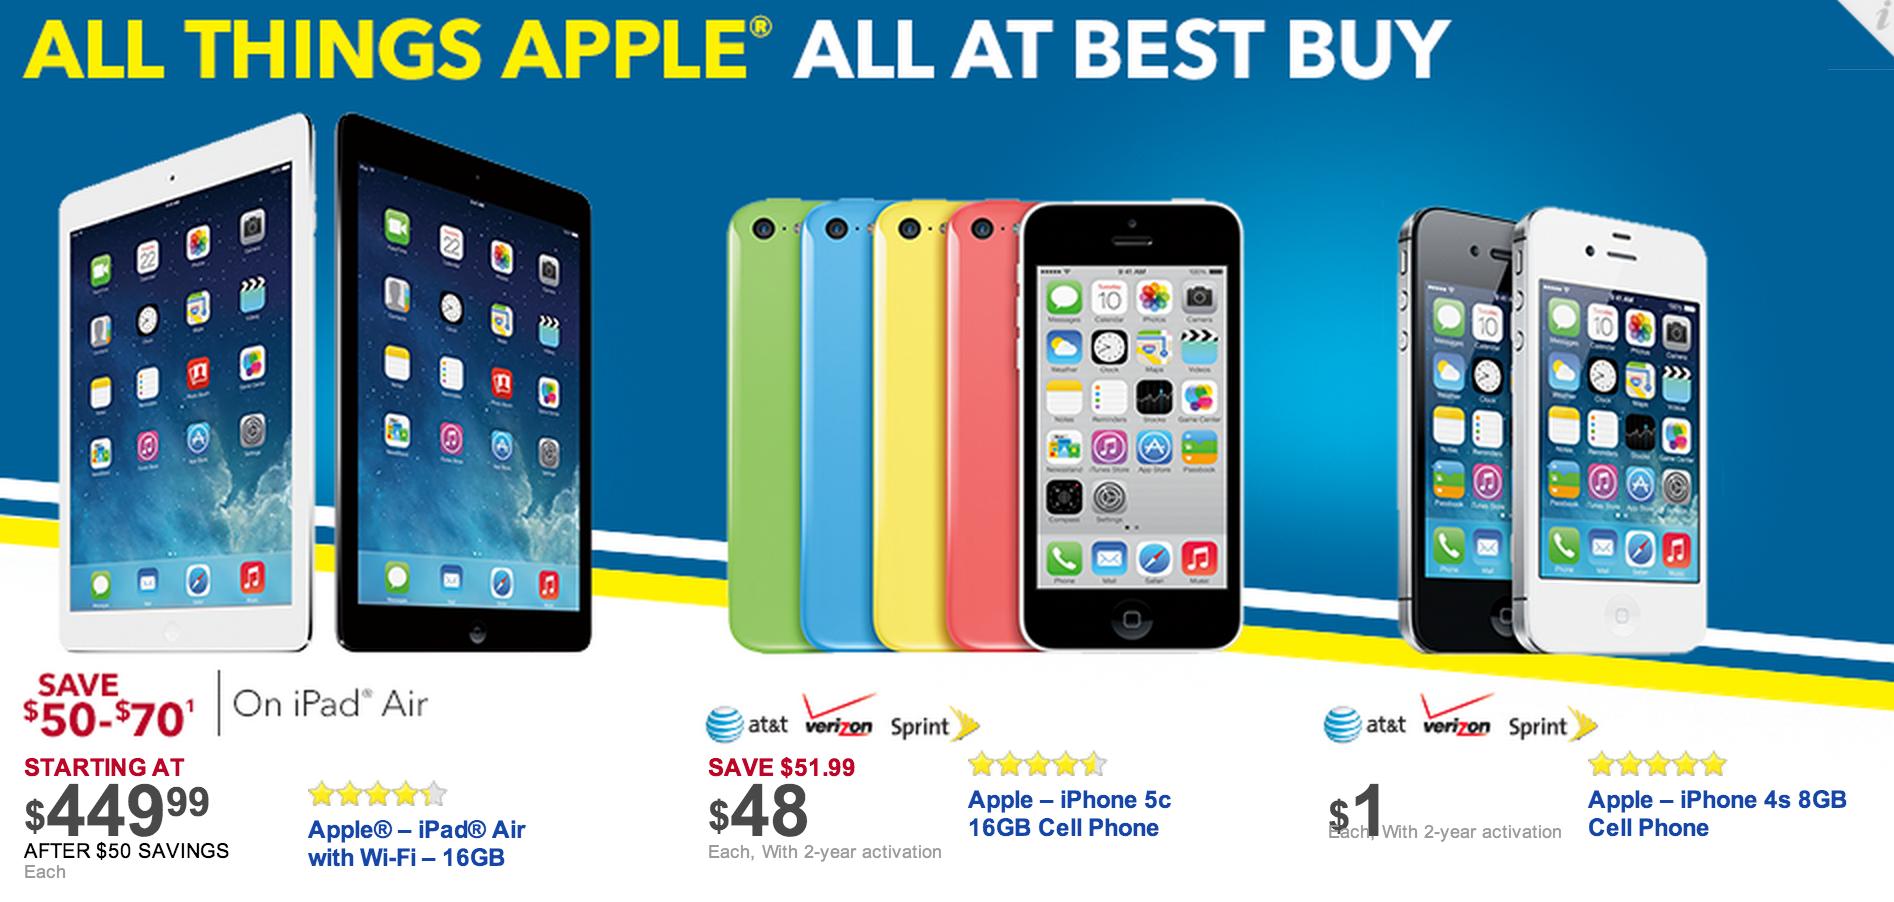 Best Buy Black Friday Apple Deals Ipads Ipods Macbook Pro Retina More